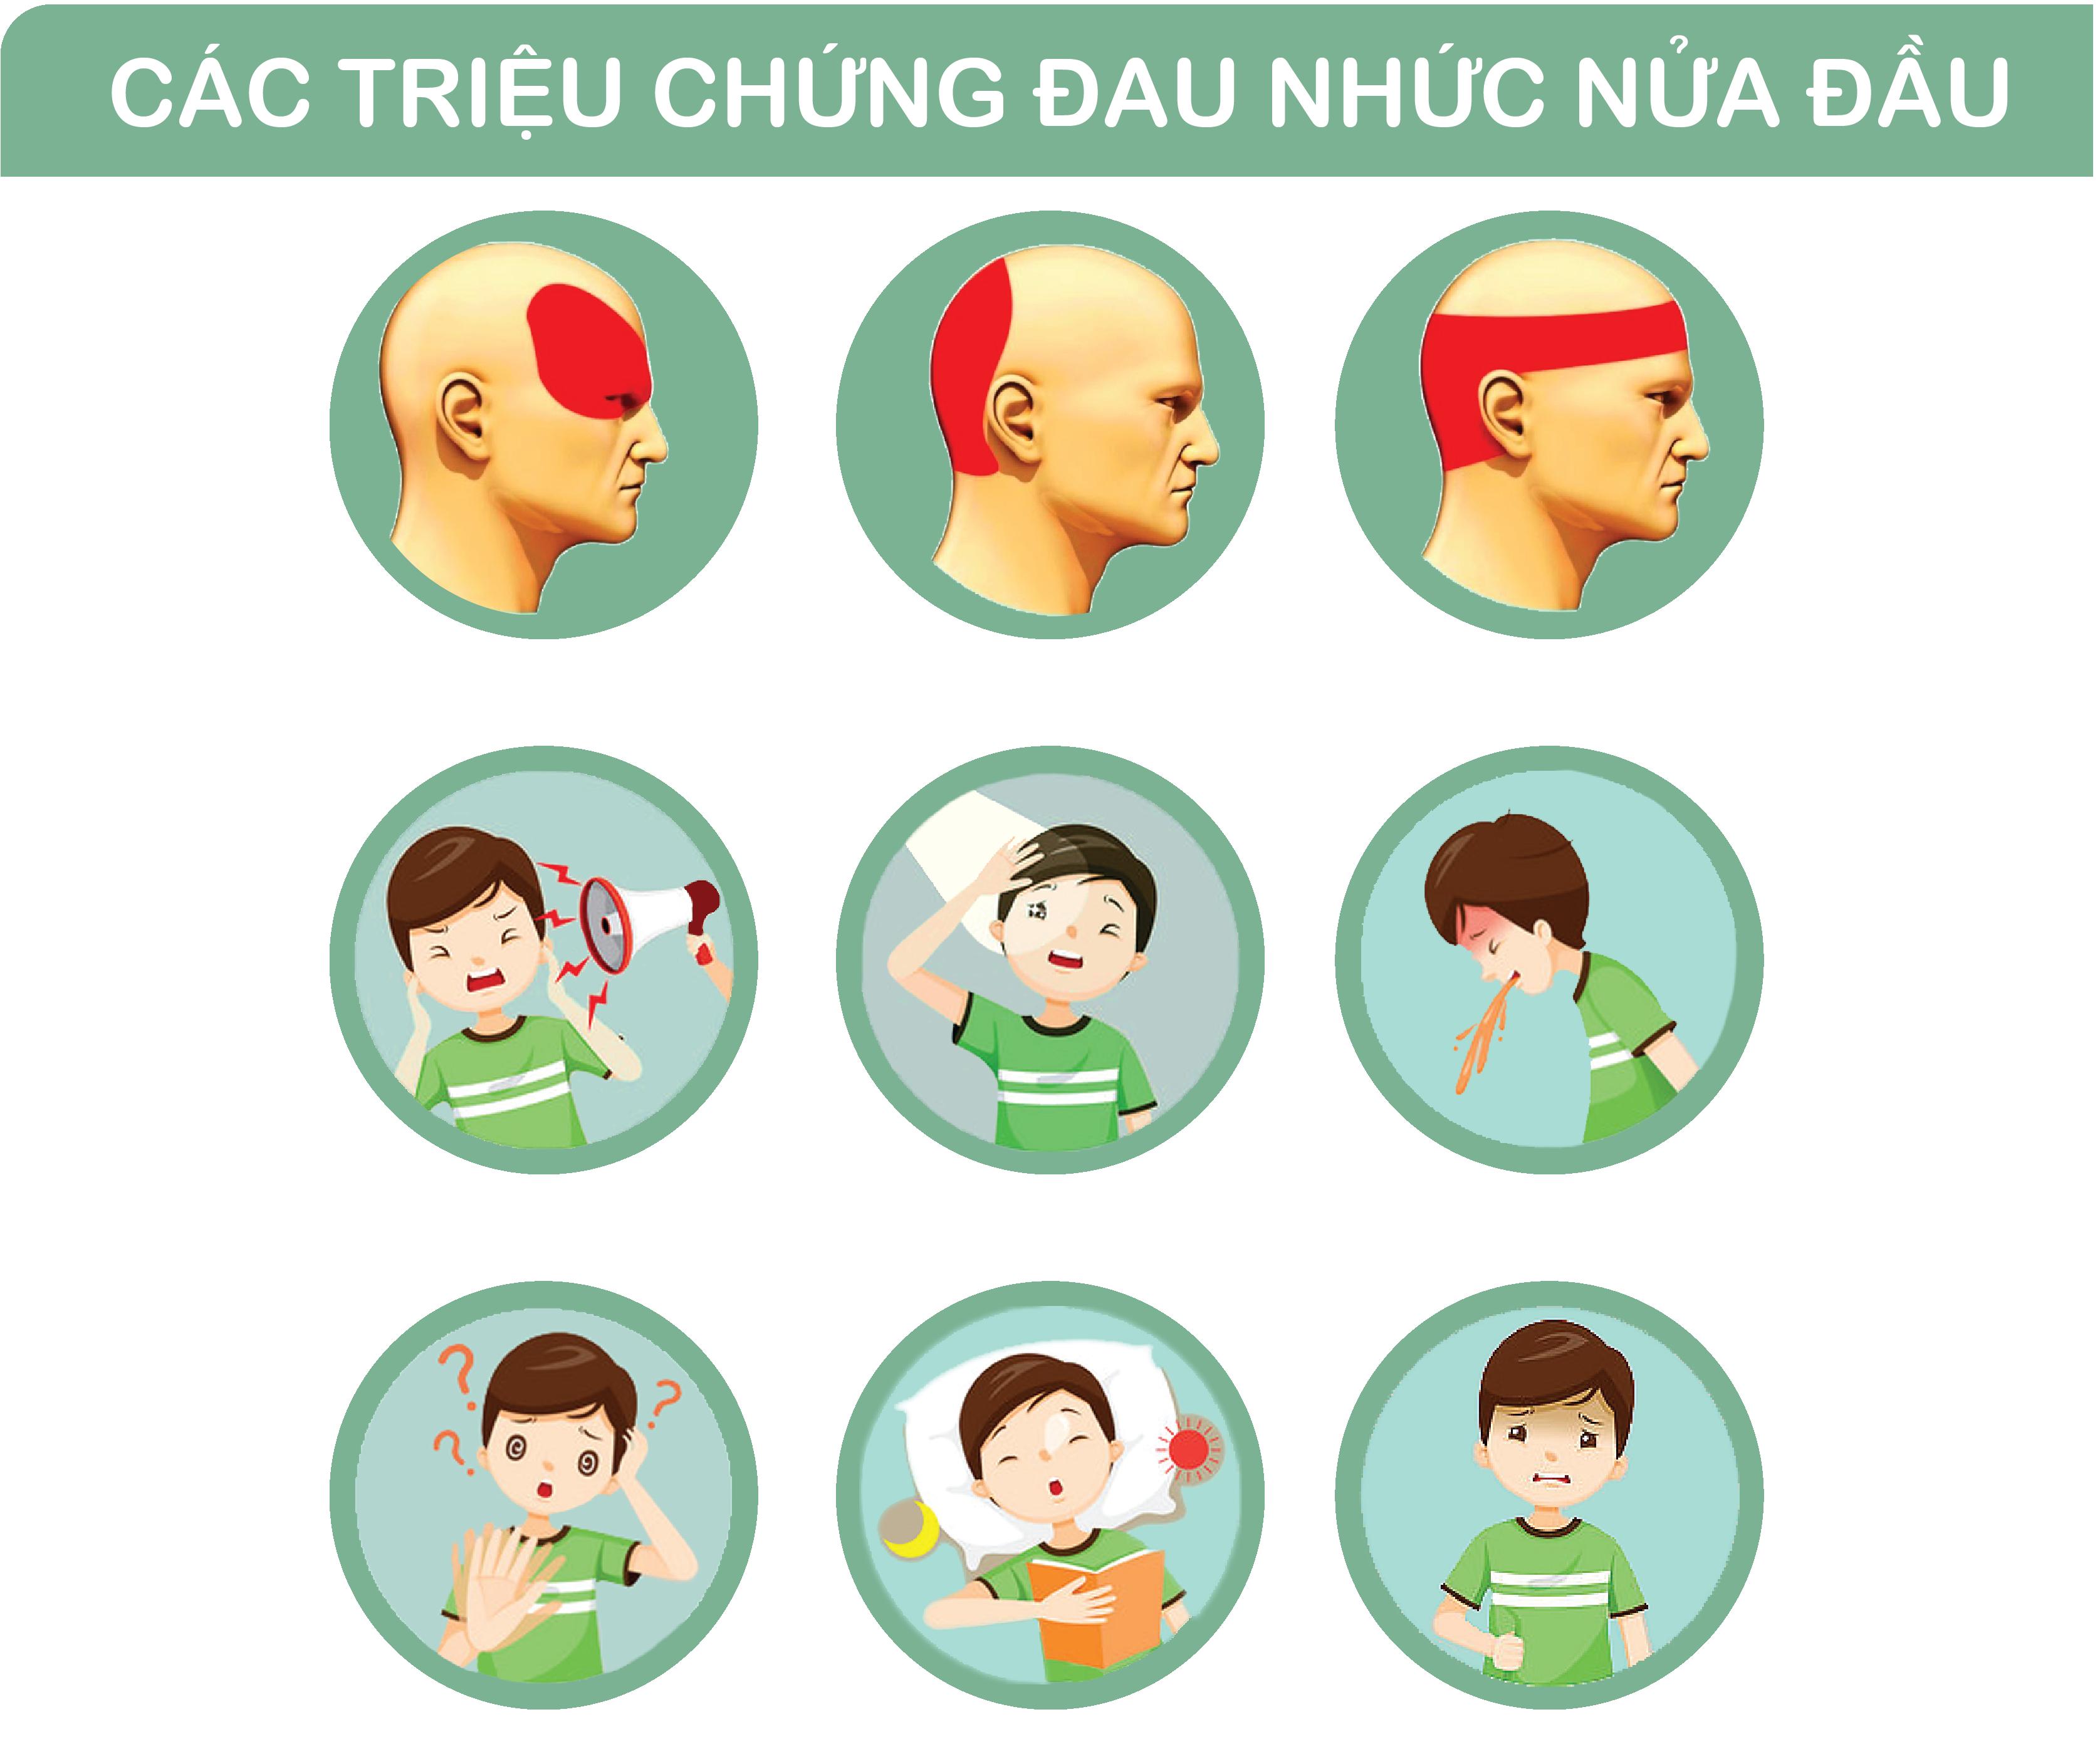 Hướng dẫn trực quan về chứng đau nửa đầu (Migraine)